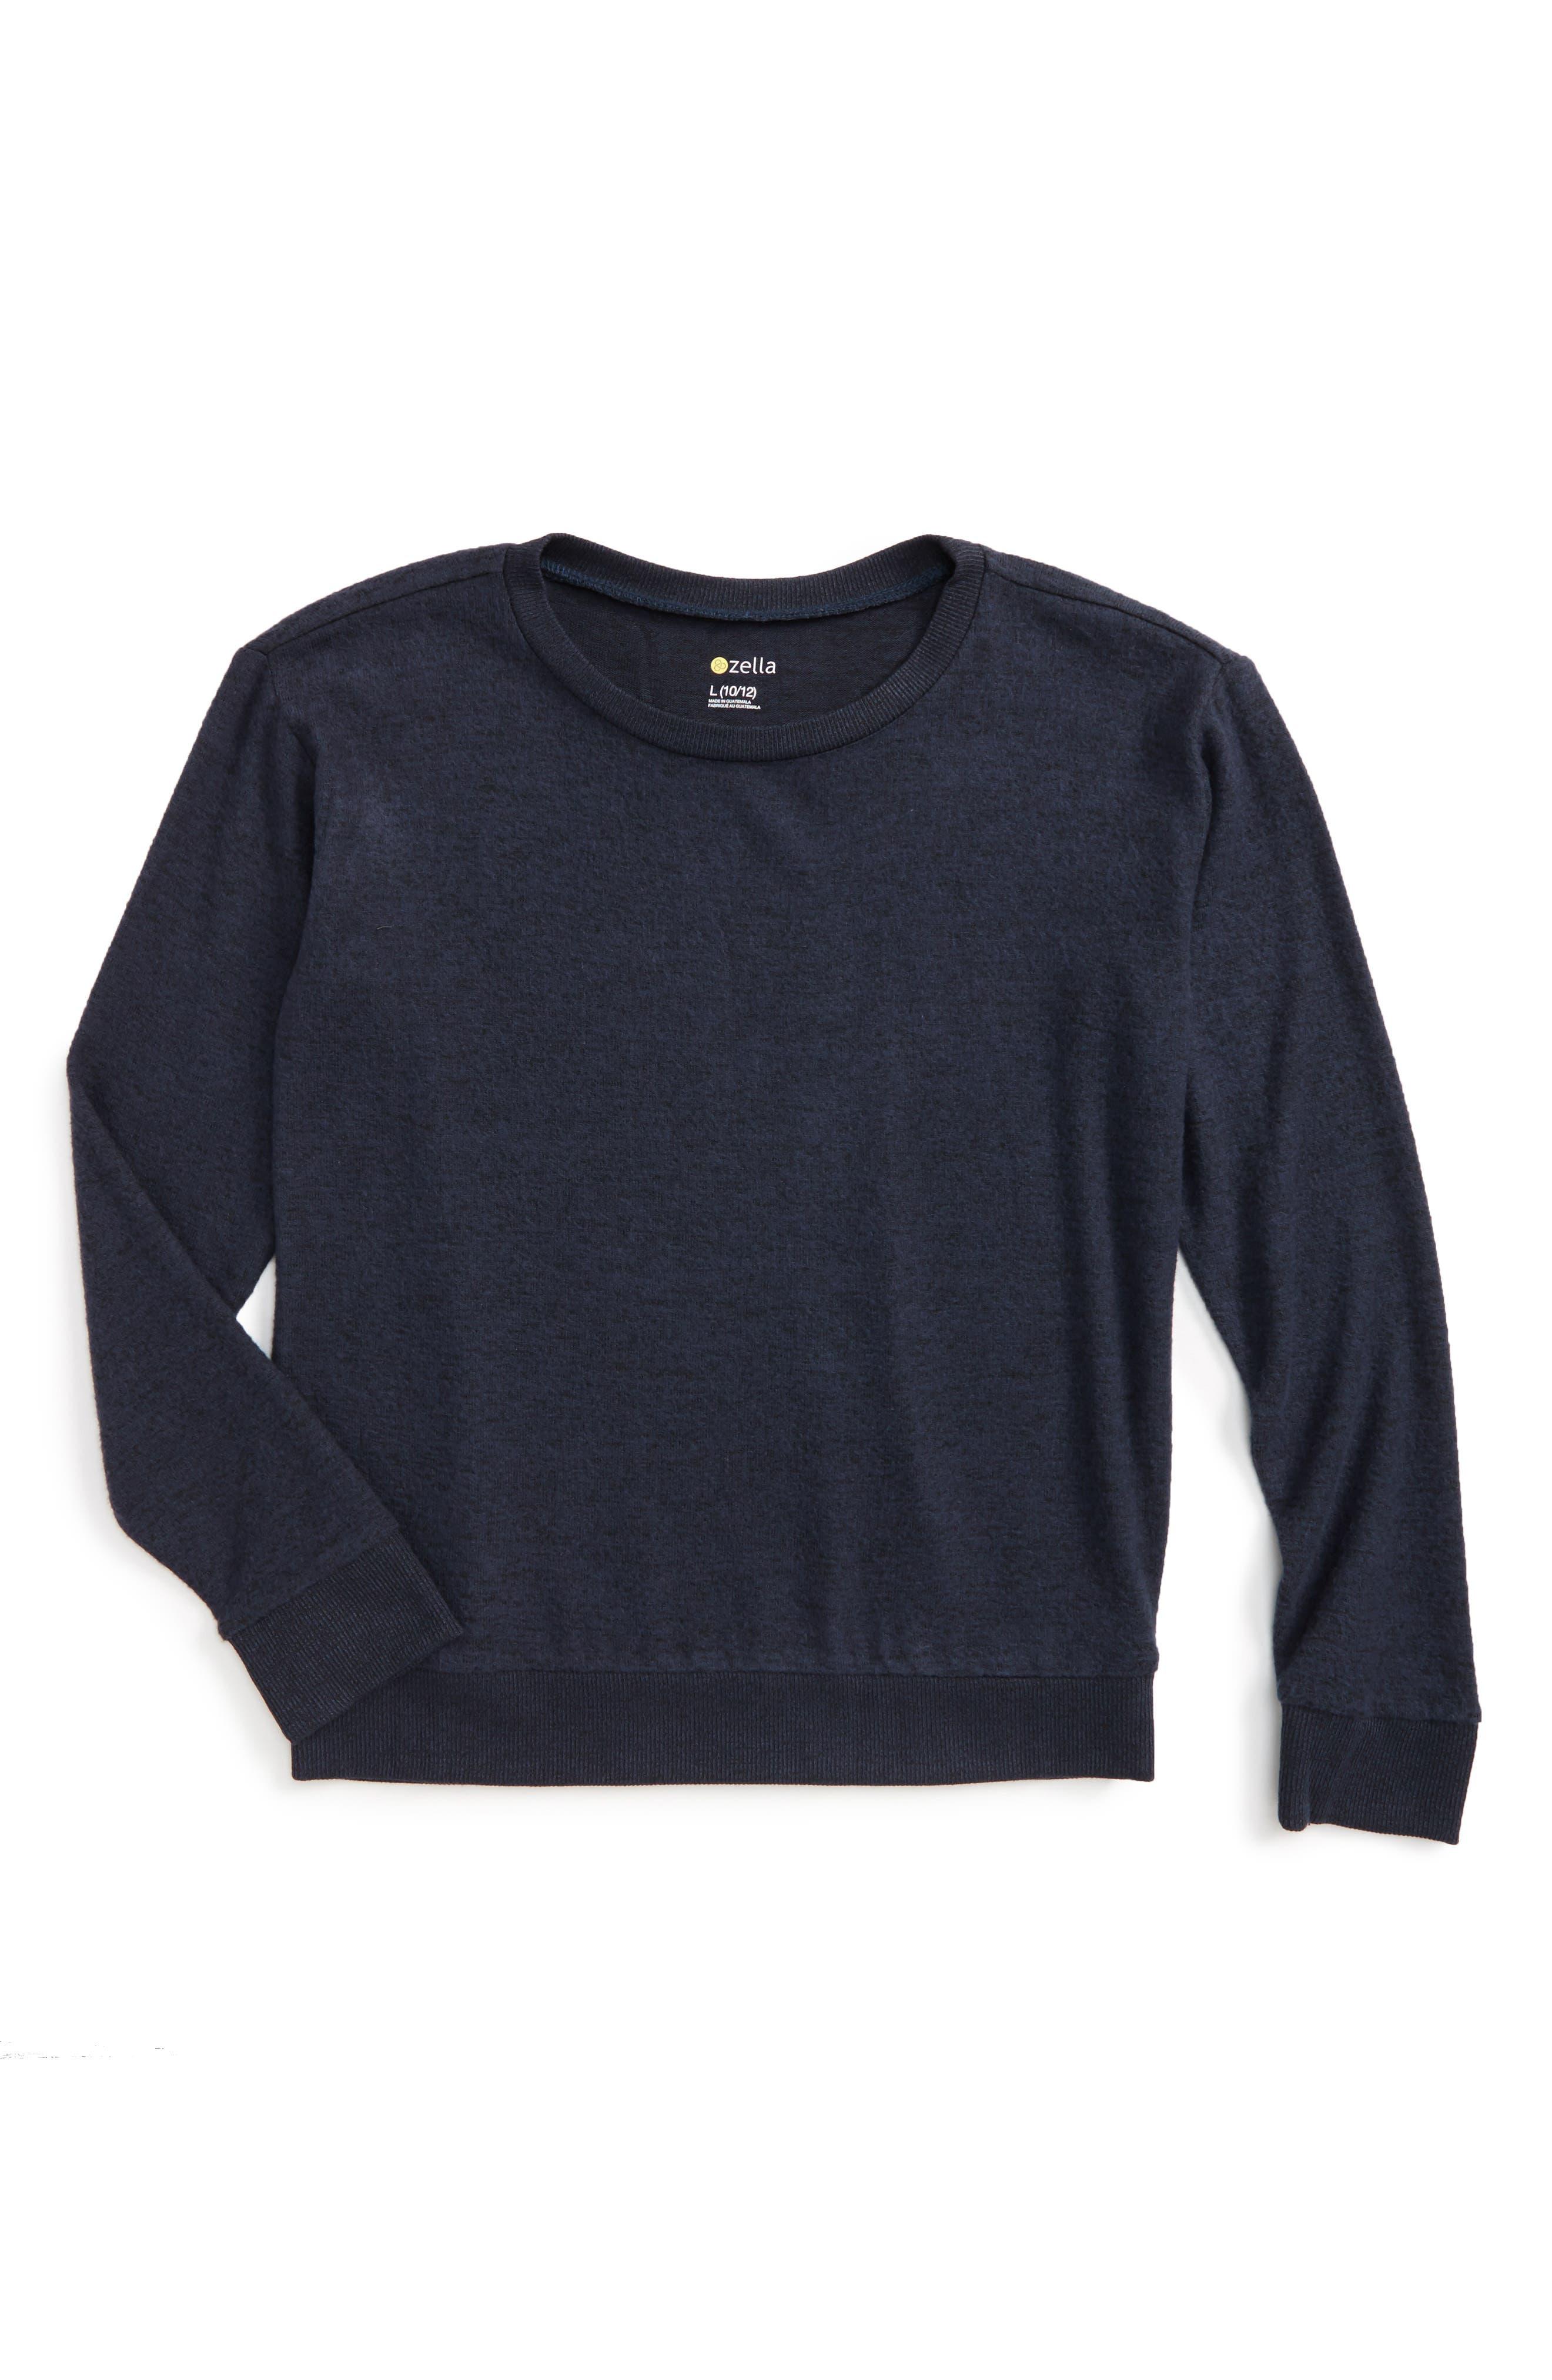 Zella Girl Supersoft Sweater (Little Girls & Big Girls)